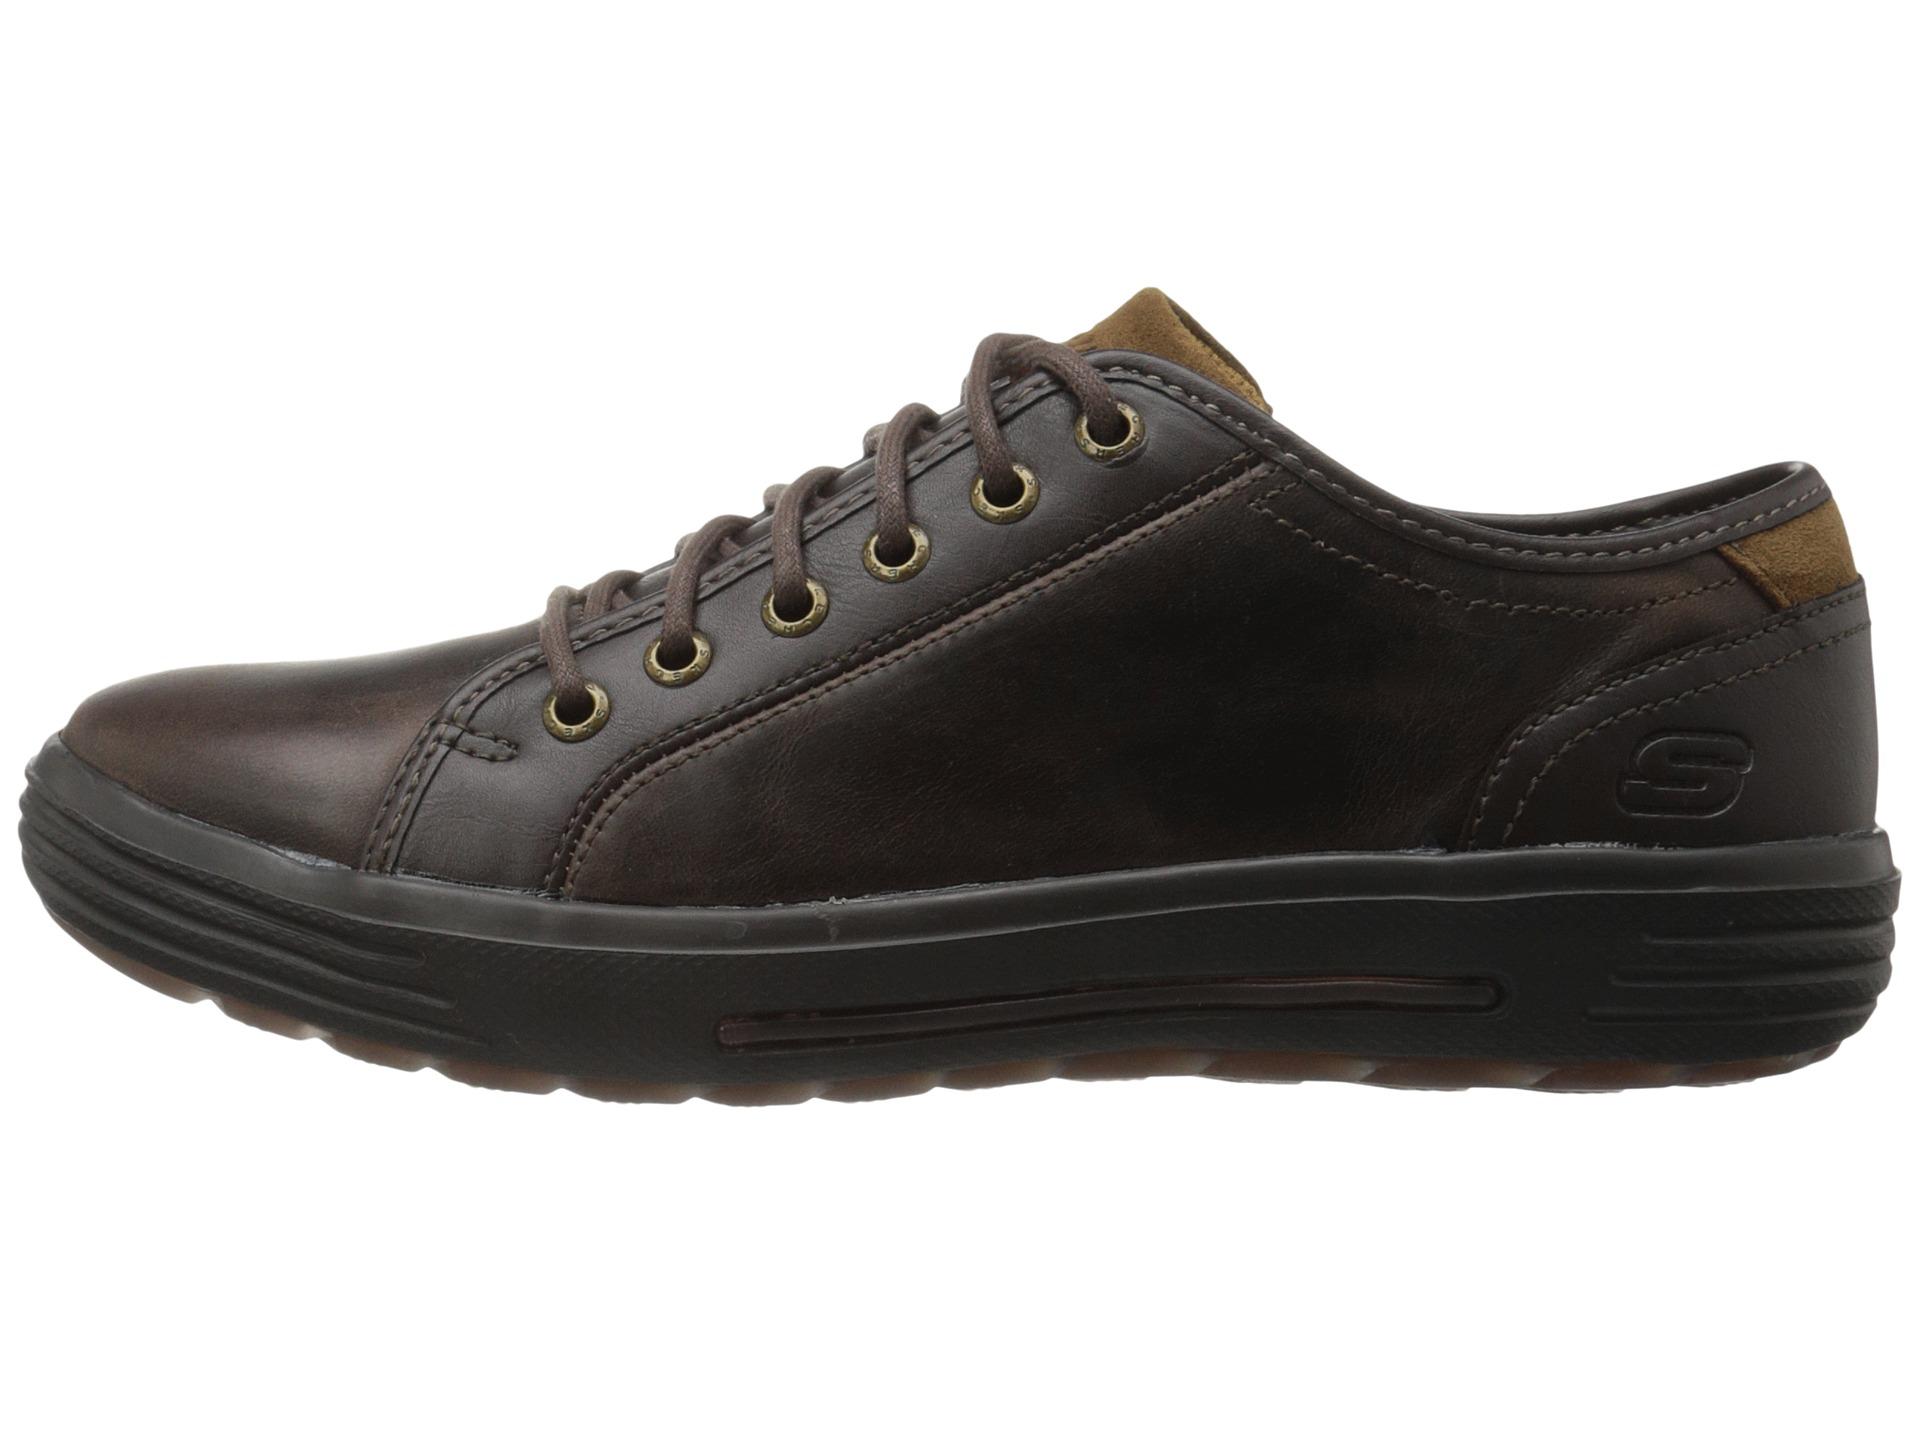 Skechers Shoes On Sale Dubai